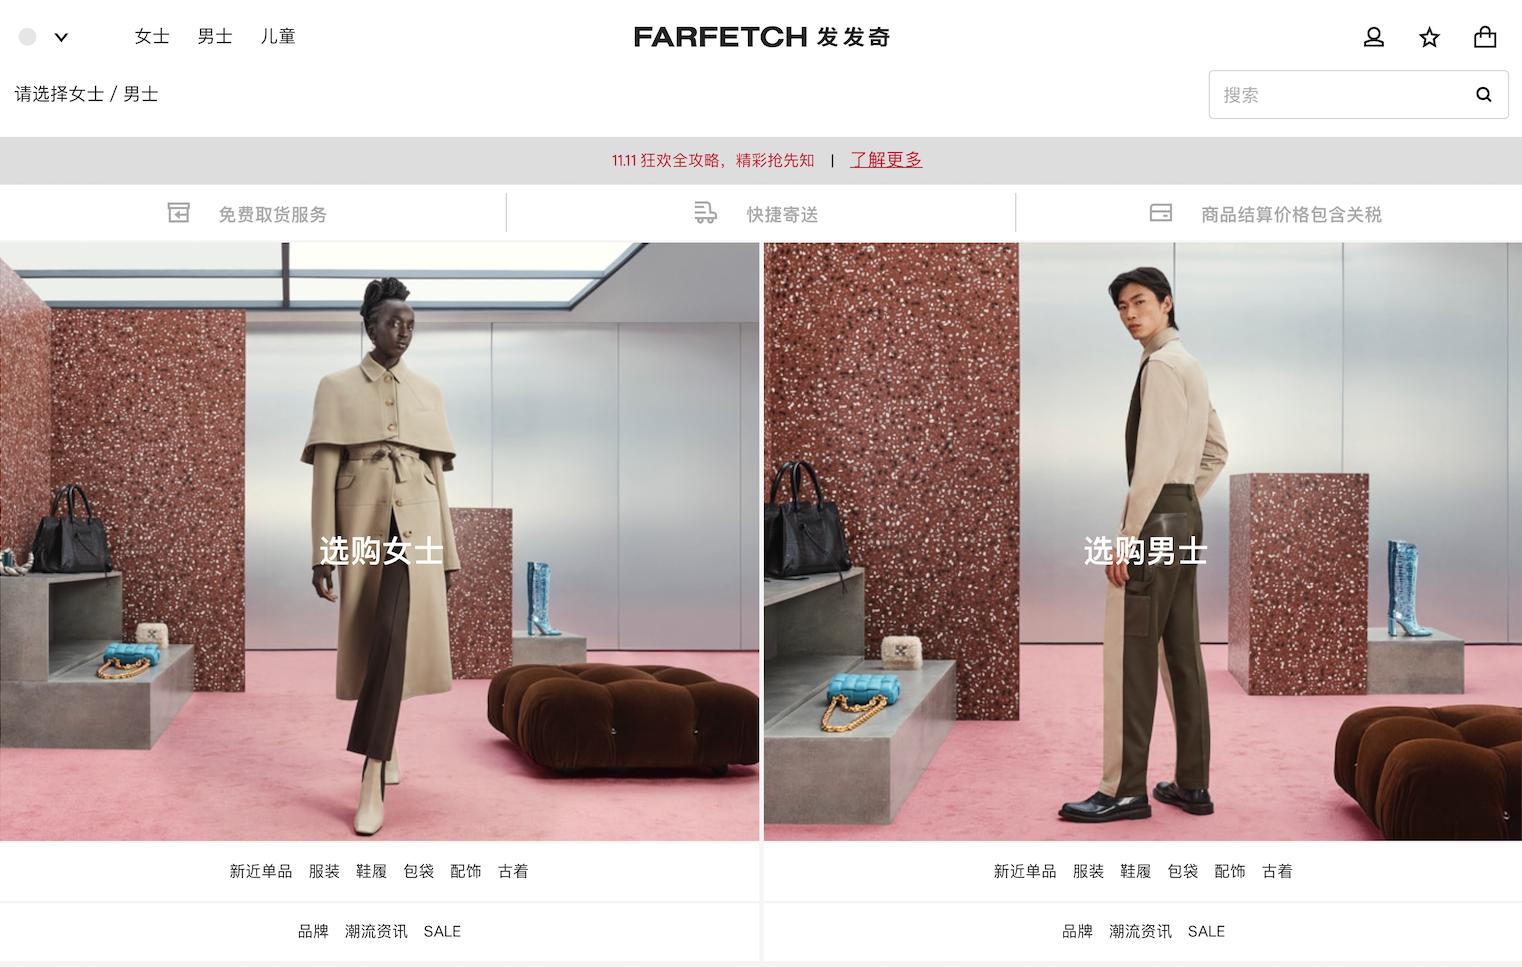 法国投资公司 Eurazeo 出售所持 Farfetch 股票,传:阿里巴巴等有意投资